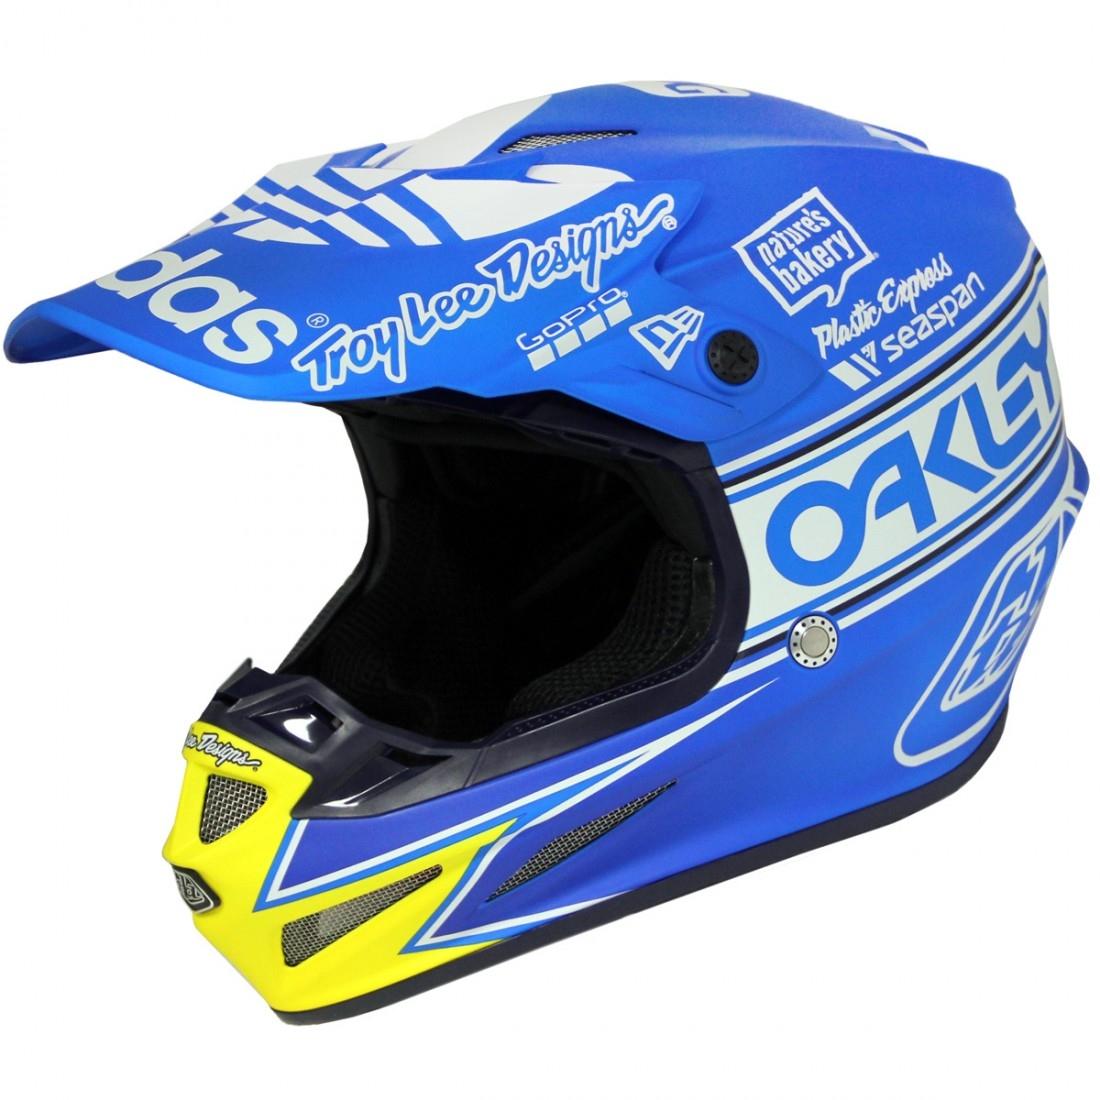 Troy Lee Designs Helmet >> Troy Lee Designs Se4 Composite Team Edition 2 Ocean Helmet Motocard